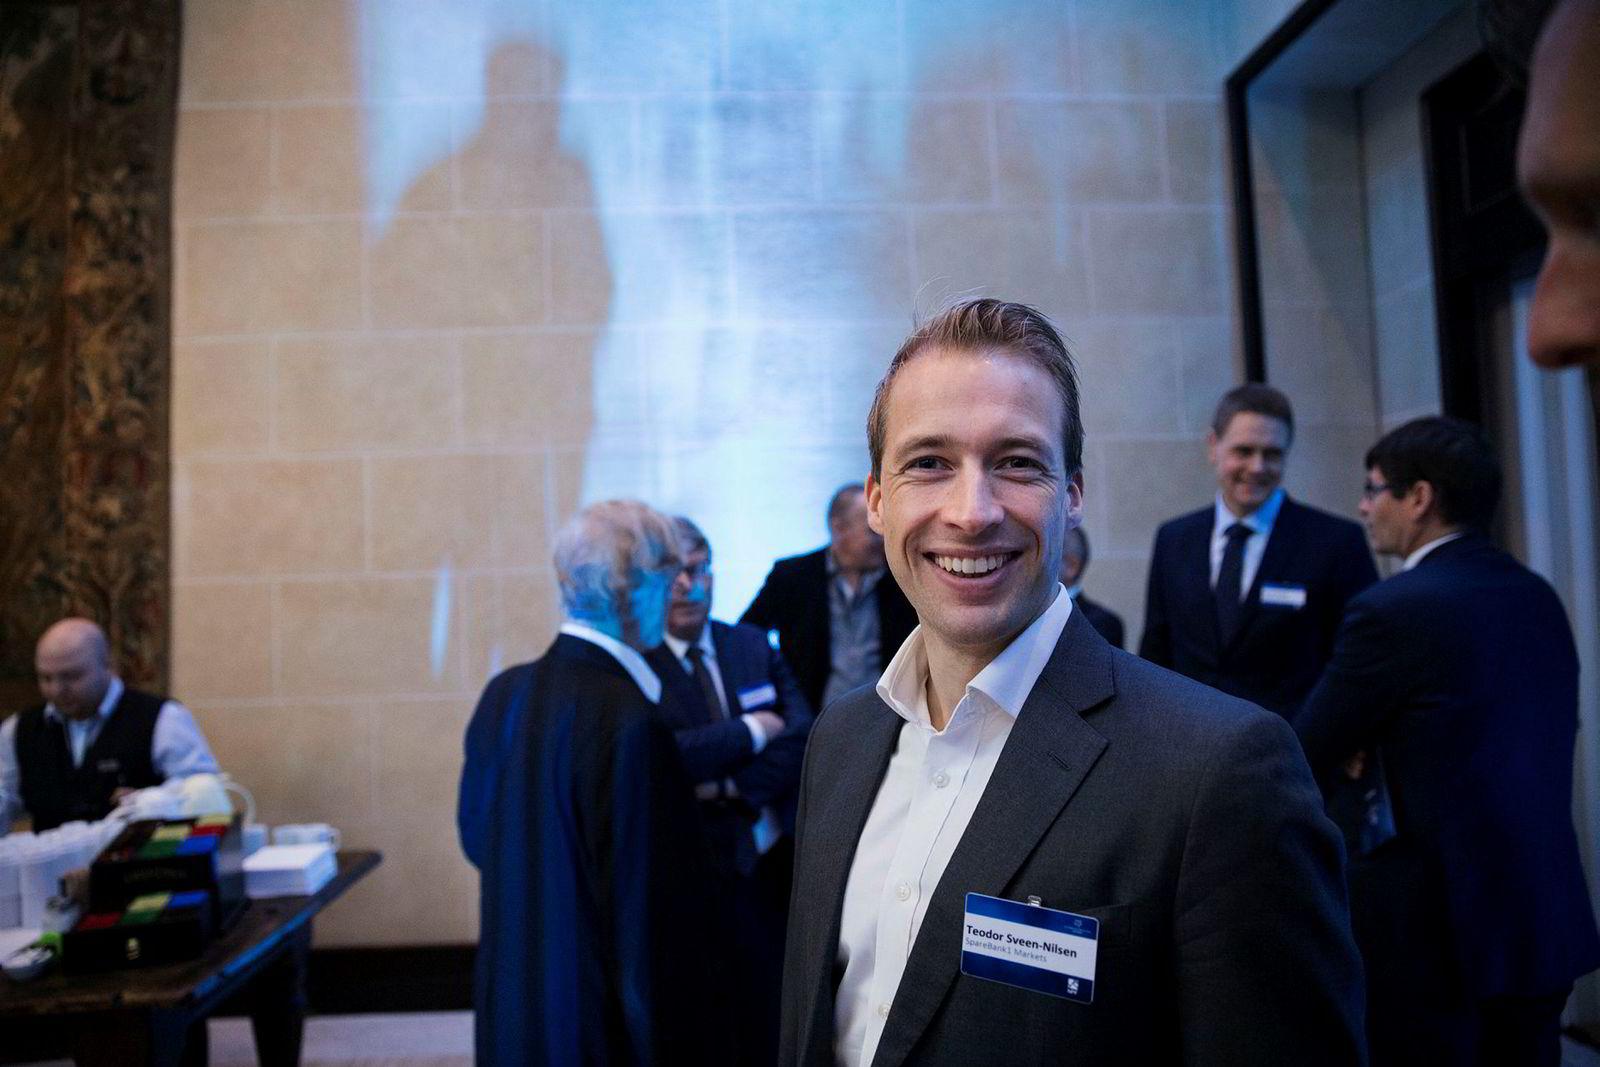 – I 2018 var fornybar energi sjelden eller aldri et tema. I 2019 finnes det knapt et investormøte som ikke penser innom det, sier Teodor Sveen-Nilsen Sparebank 1 Markets.